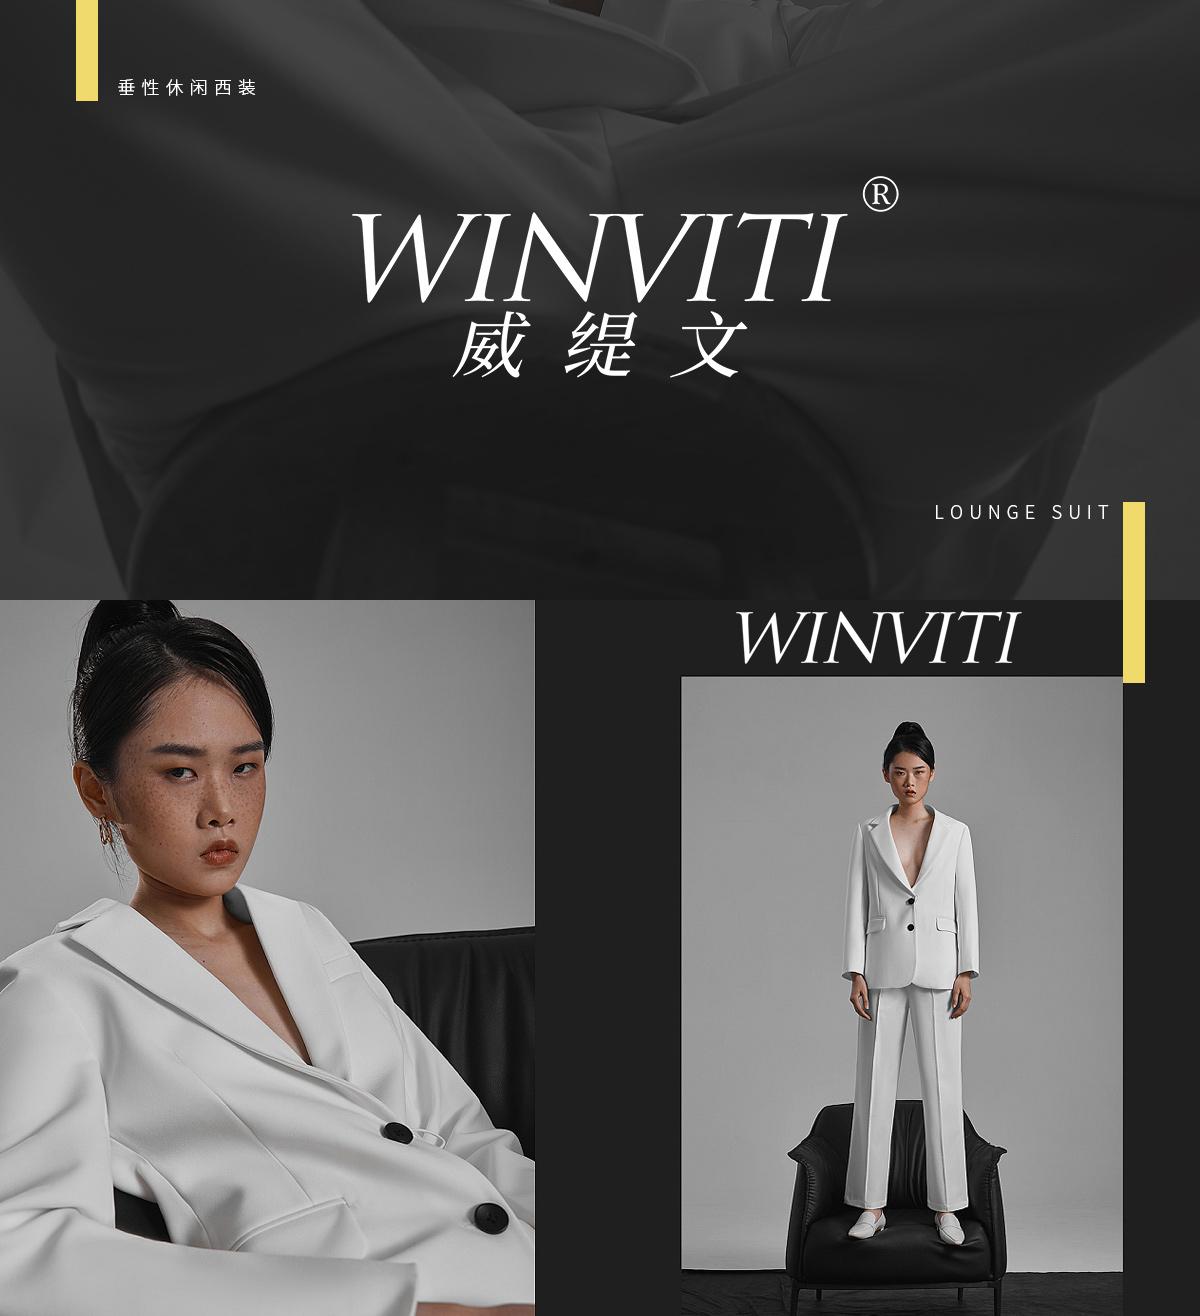 威缇文 WINVITI